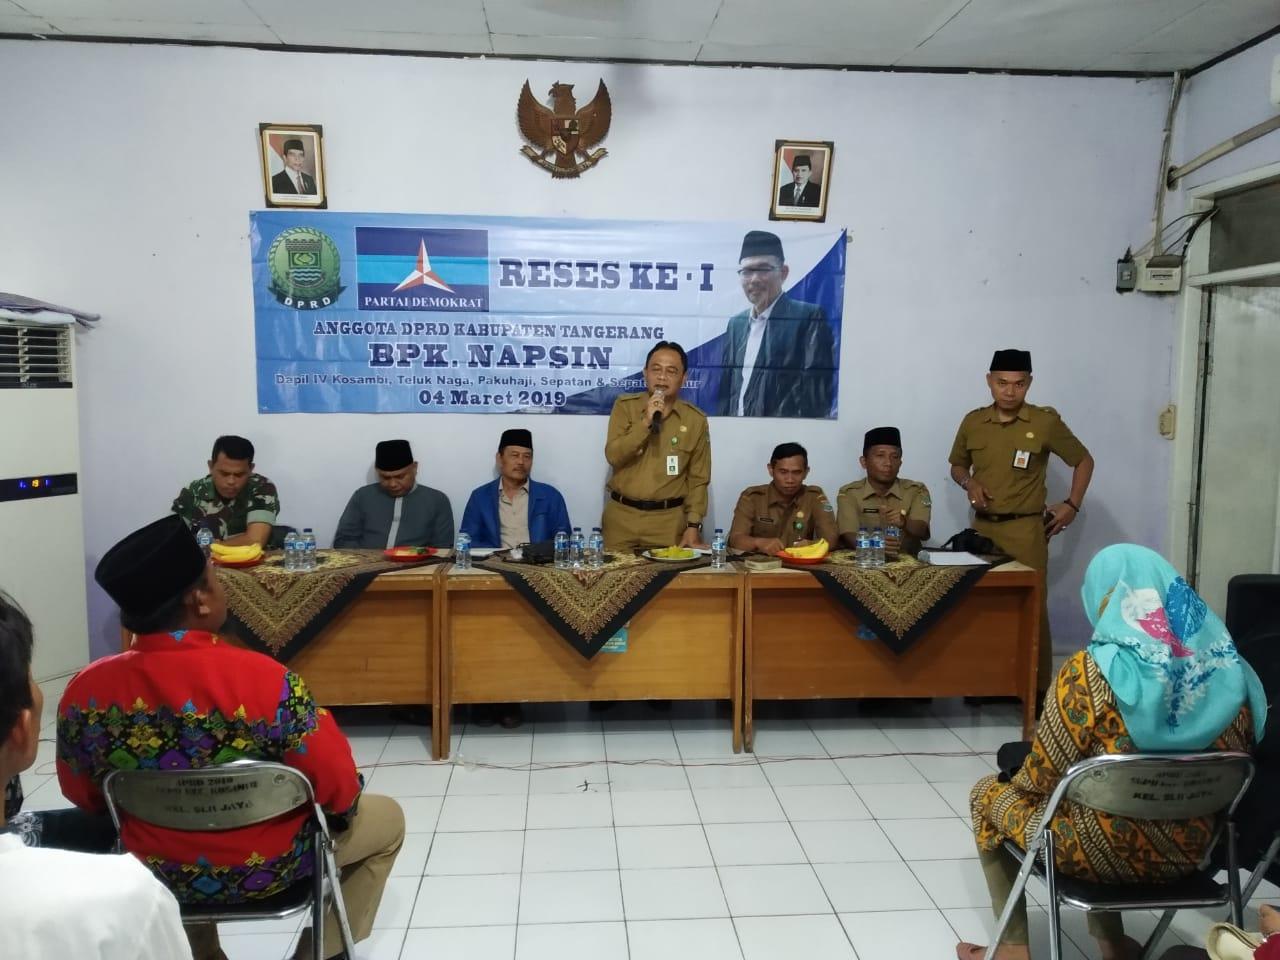 Napsin Anggota DPRD WDapil 3 Gelar Reses Di Selembaran Jaya